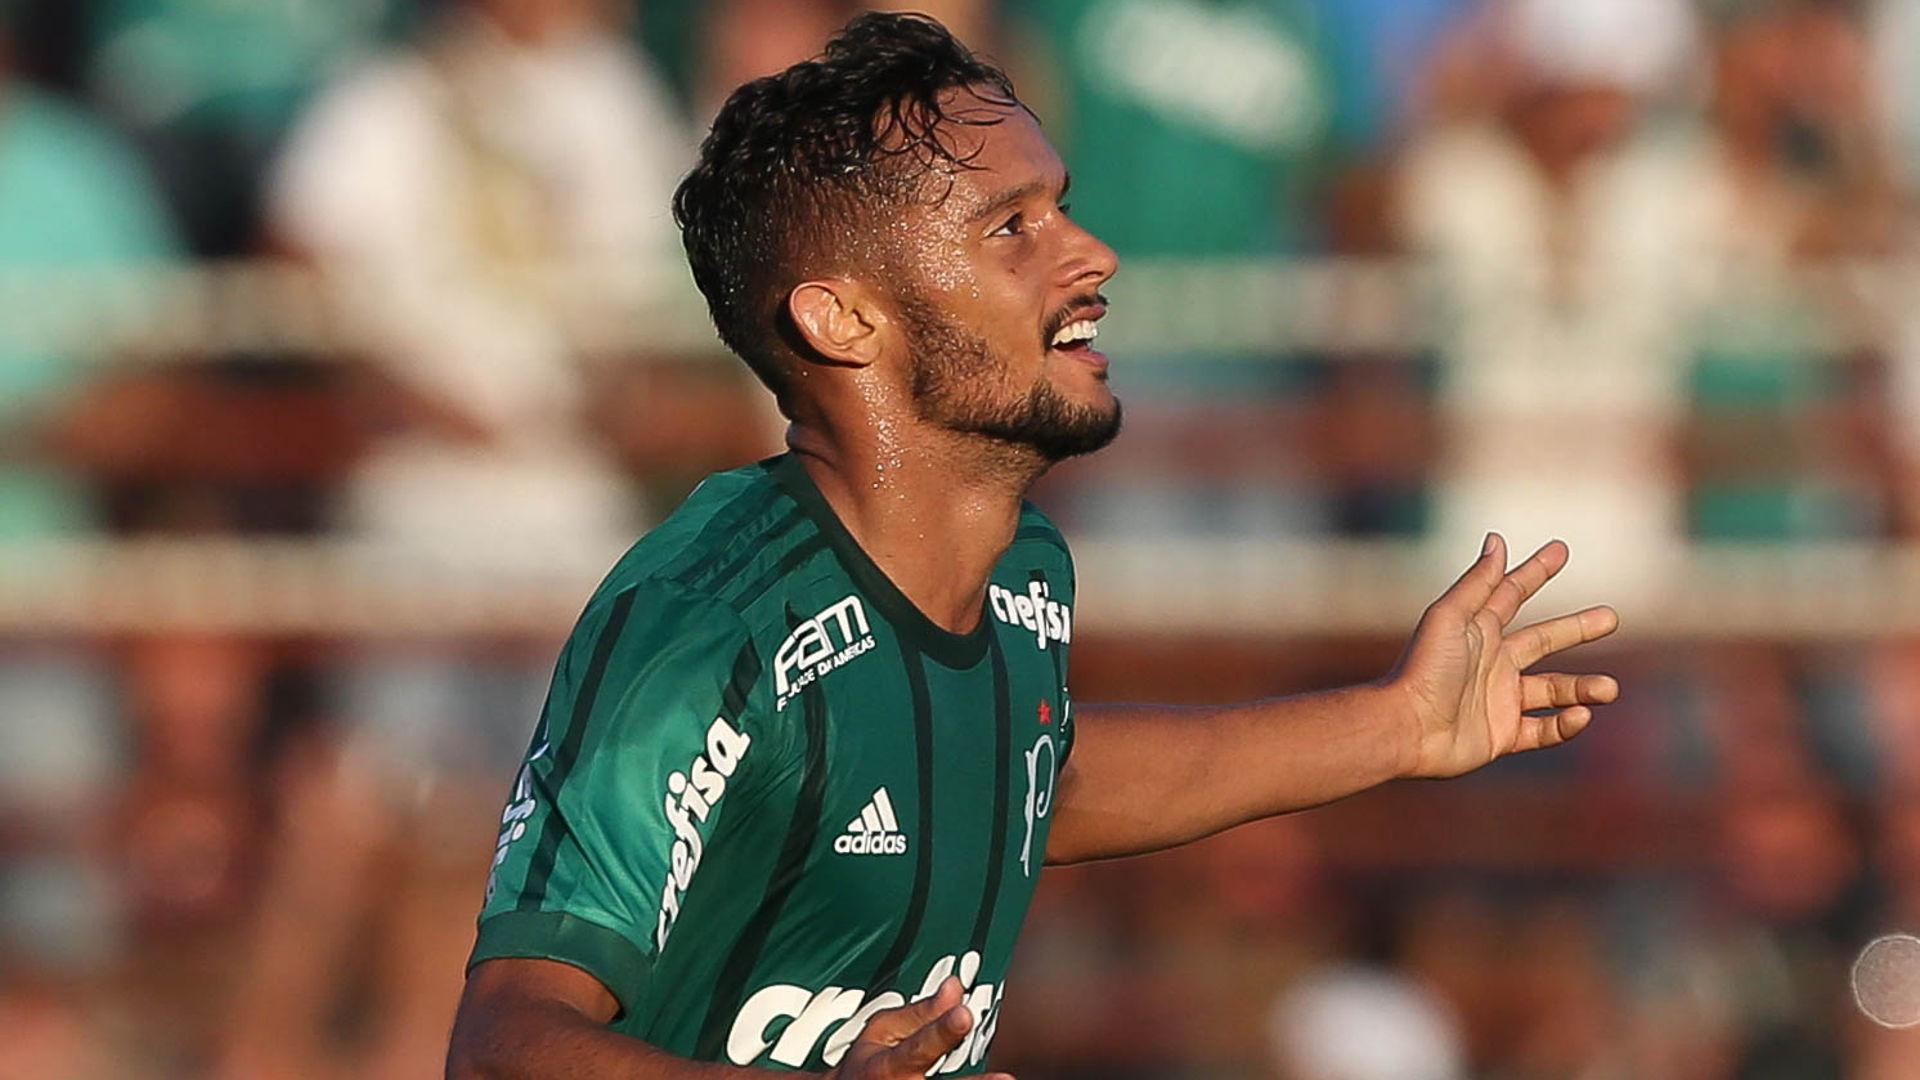 Resultado de imagem para Gustavo Scarpa Palmeiras